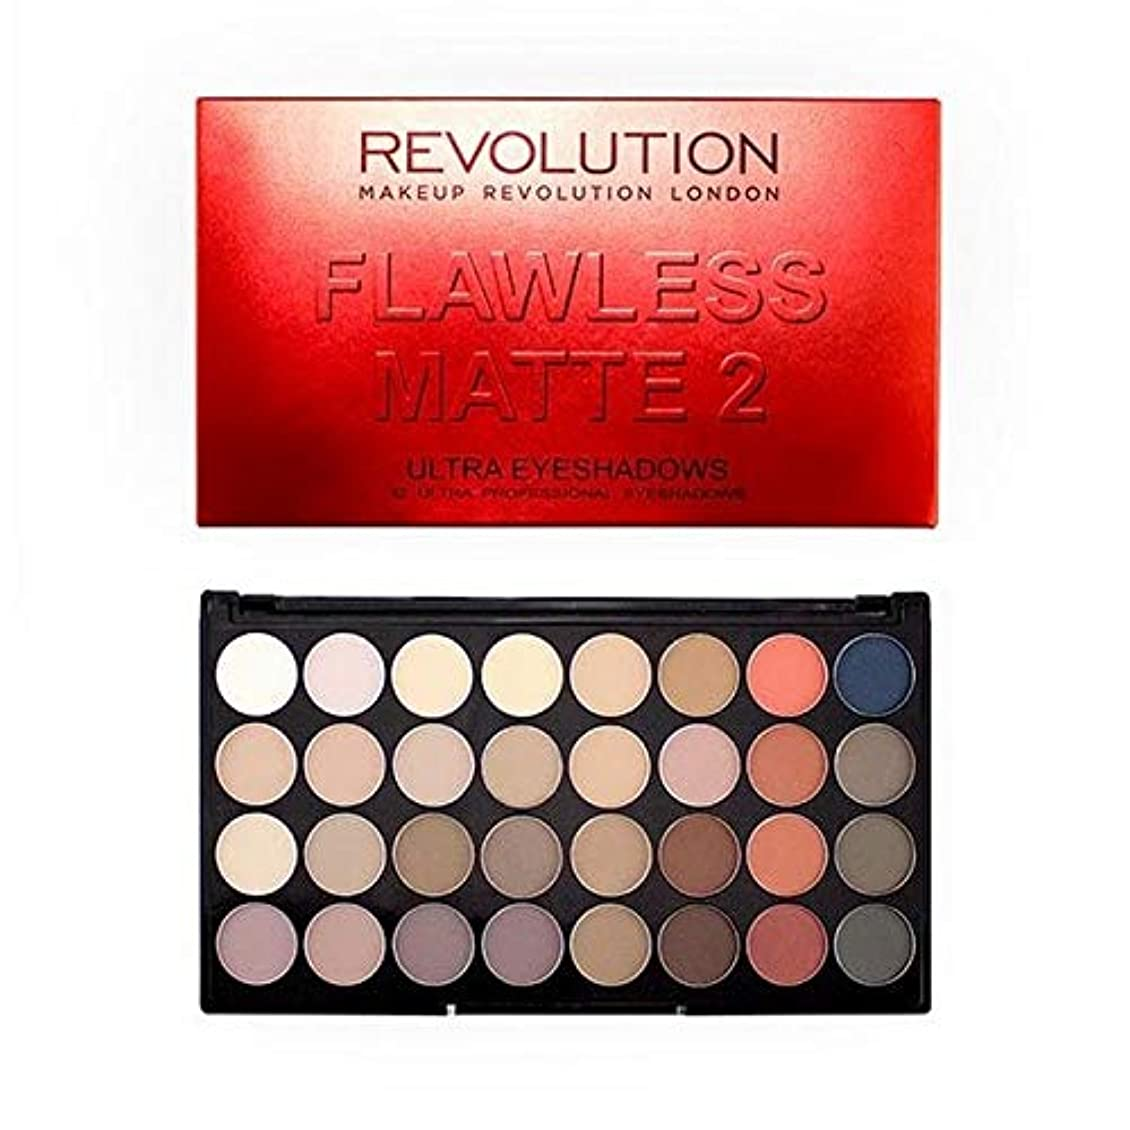 最大製造ステッチ[Revolution ] 革命完璧なマット2アイシャドウパレット - Revolution Flawless Matte 2 Eye Shadow Palette [並行輸入品]